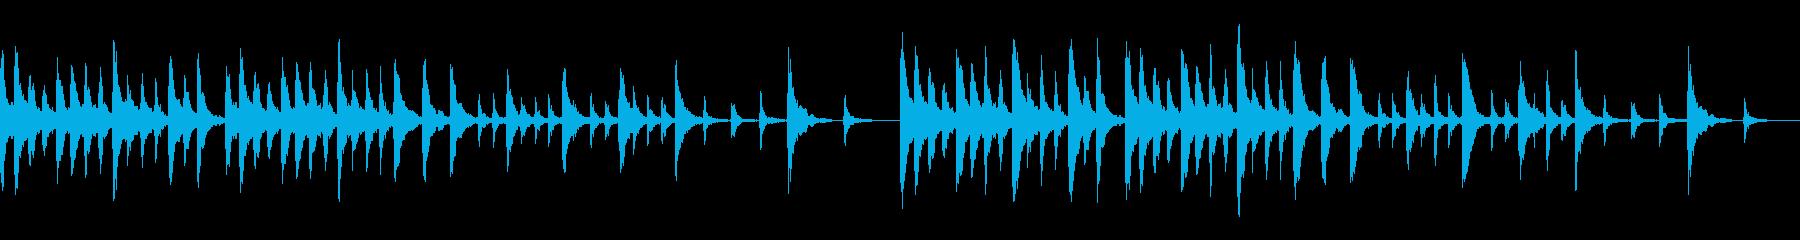 ファンタジー系(ループ仕様)の再生済みの波形